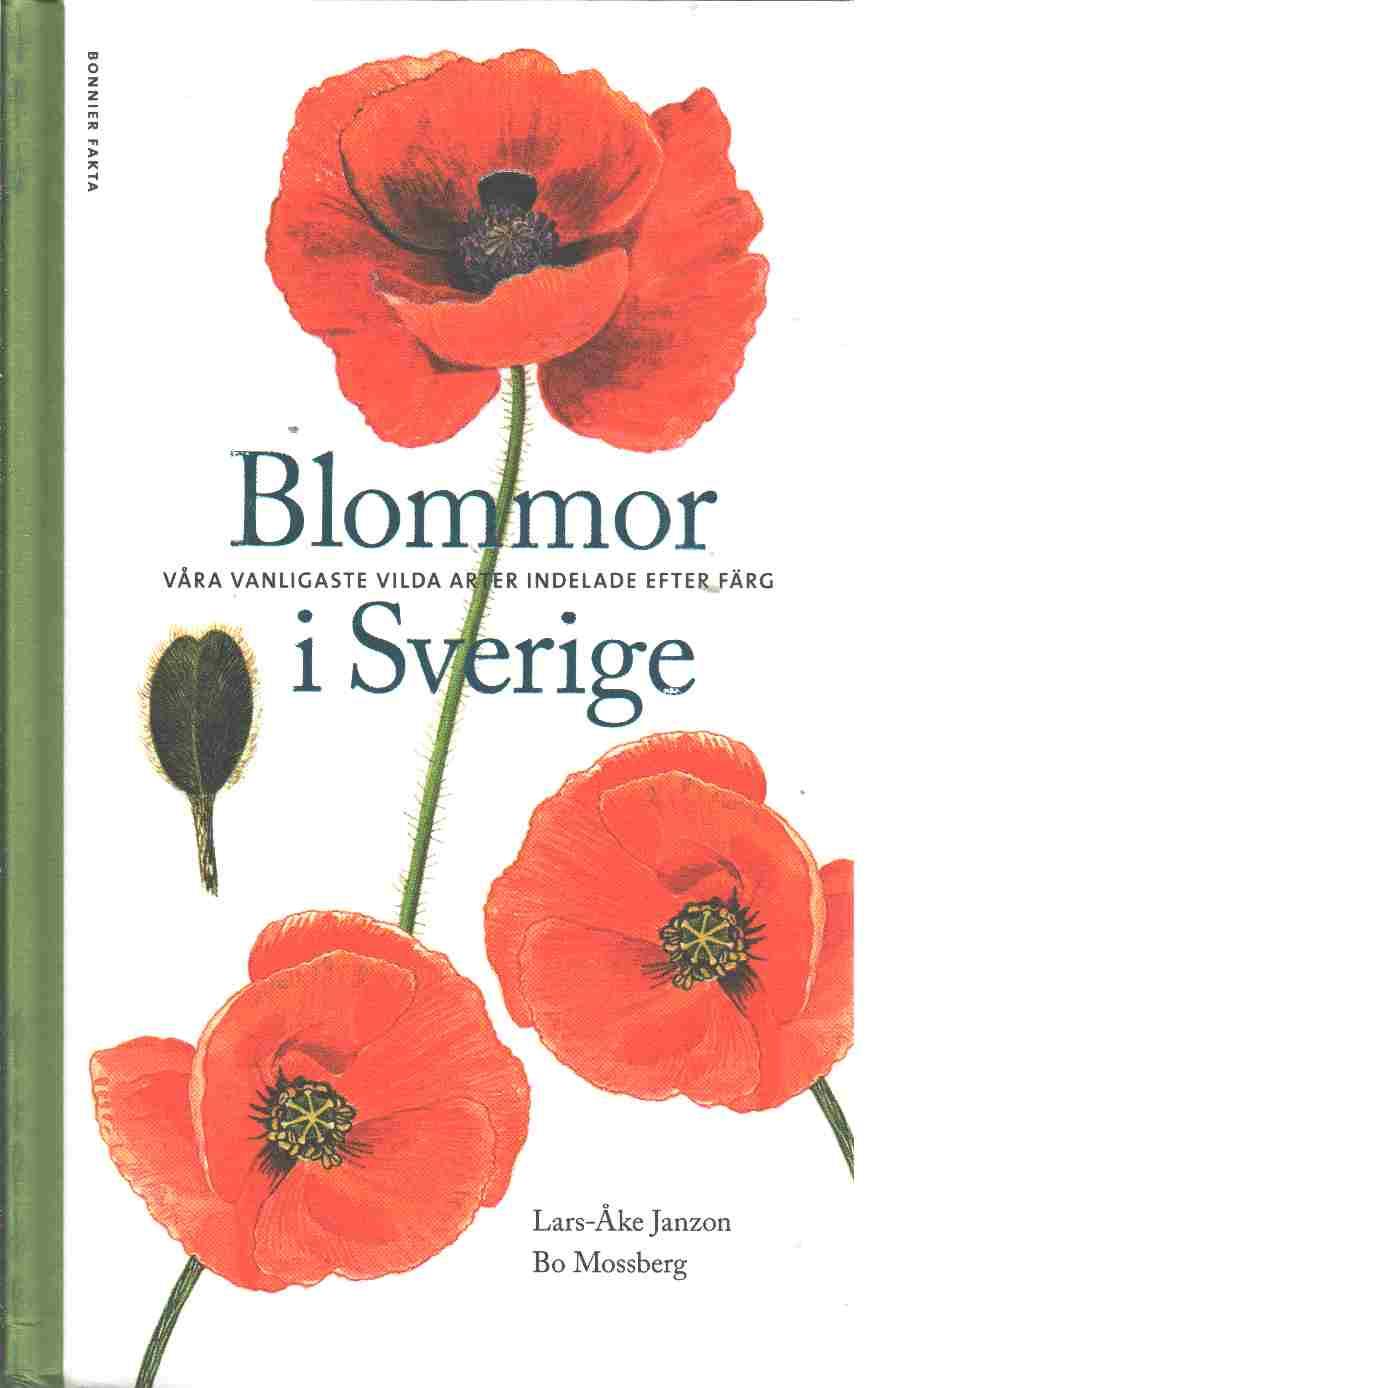 Blommor i Sverige : våra vanligaste vilda arter indelade efter färg - Janzon, Lars-Åke